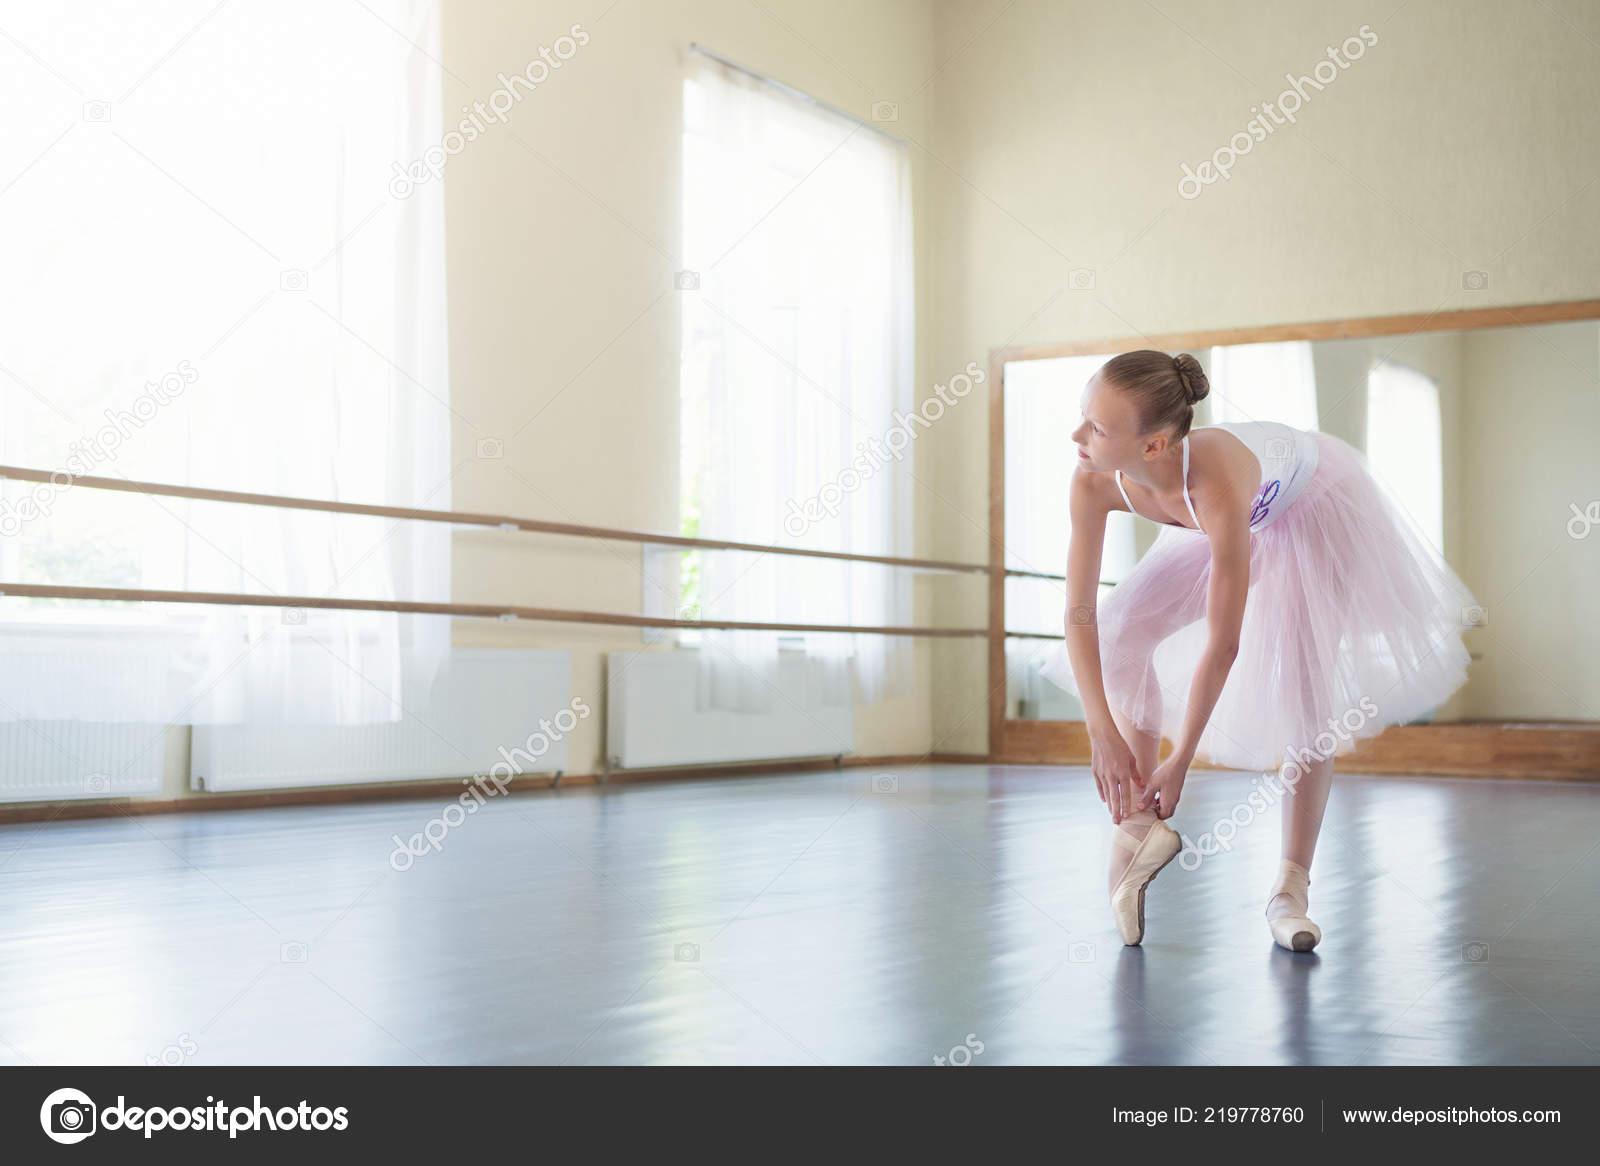 e83755743 Bailarín de ballet clásico atar zapatos pointe en estudio de luz ...